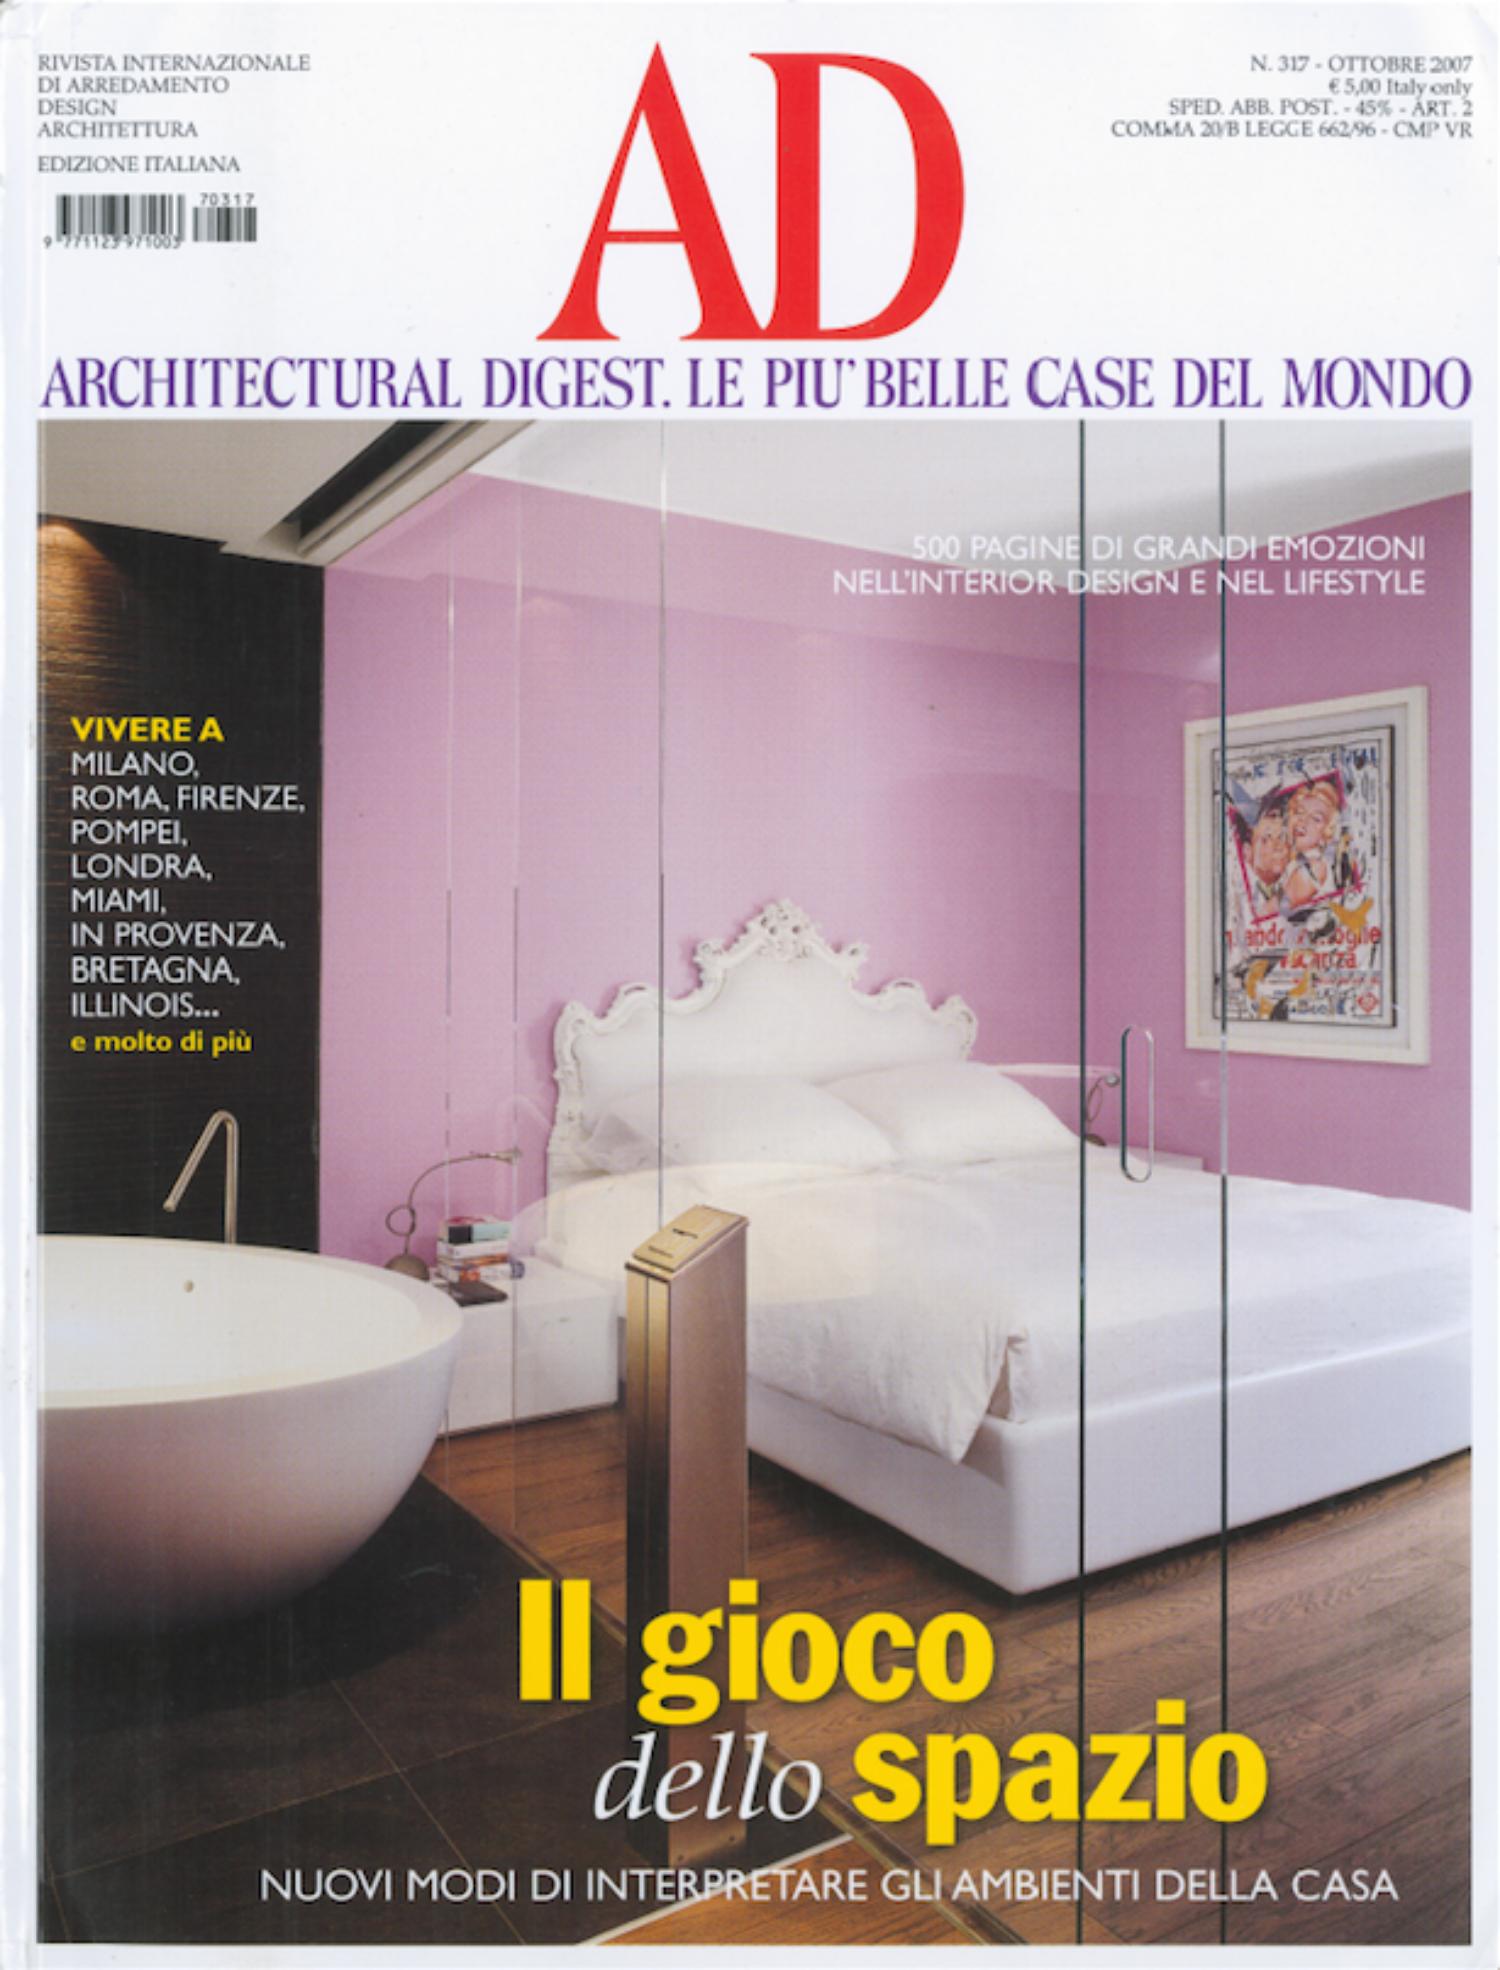 Arredamento Casa Roma aqua on allison island — chic designs + contractor services